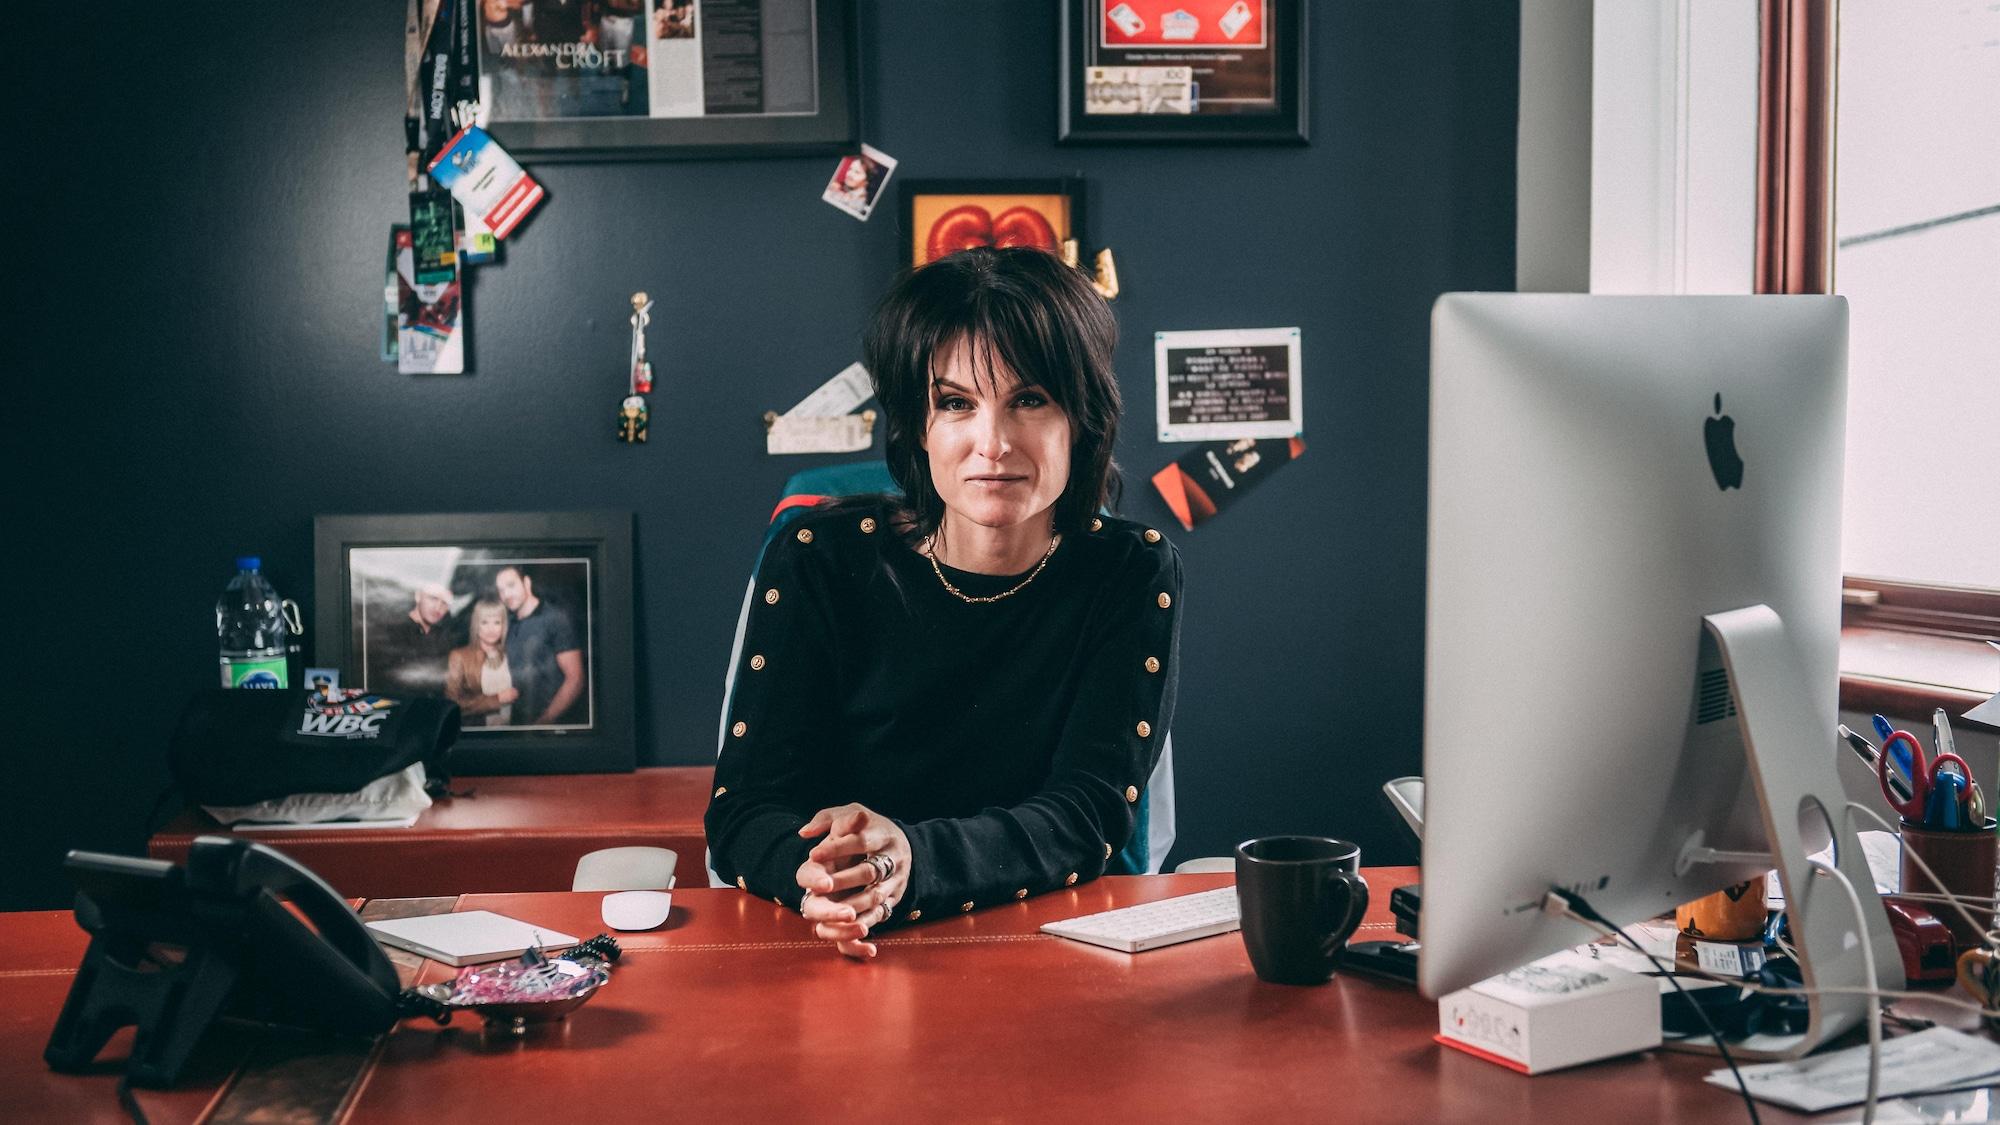 Alexandra Croft est assise à son bureau de travail.